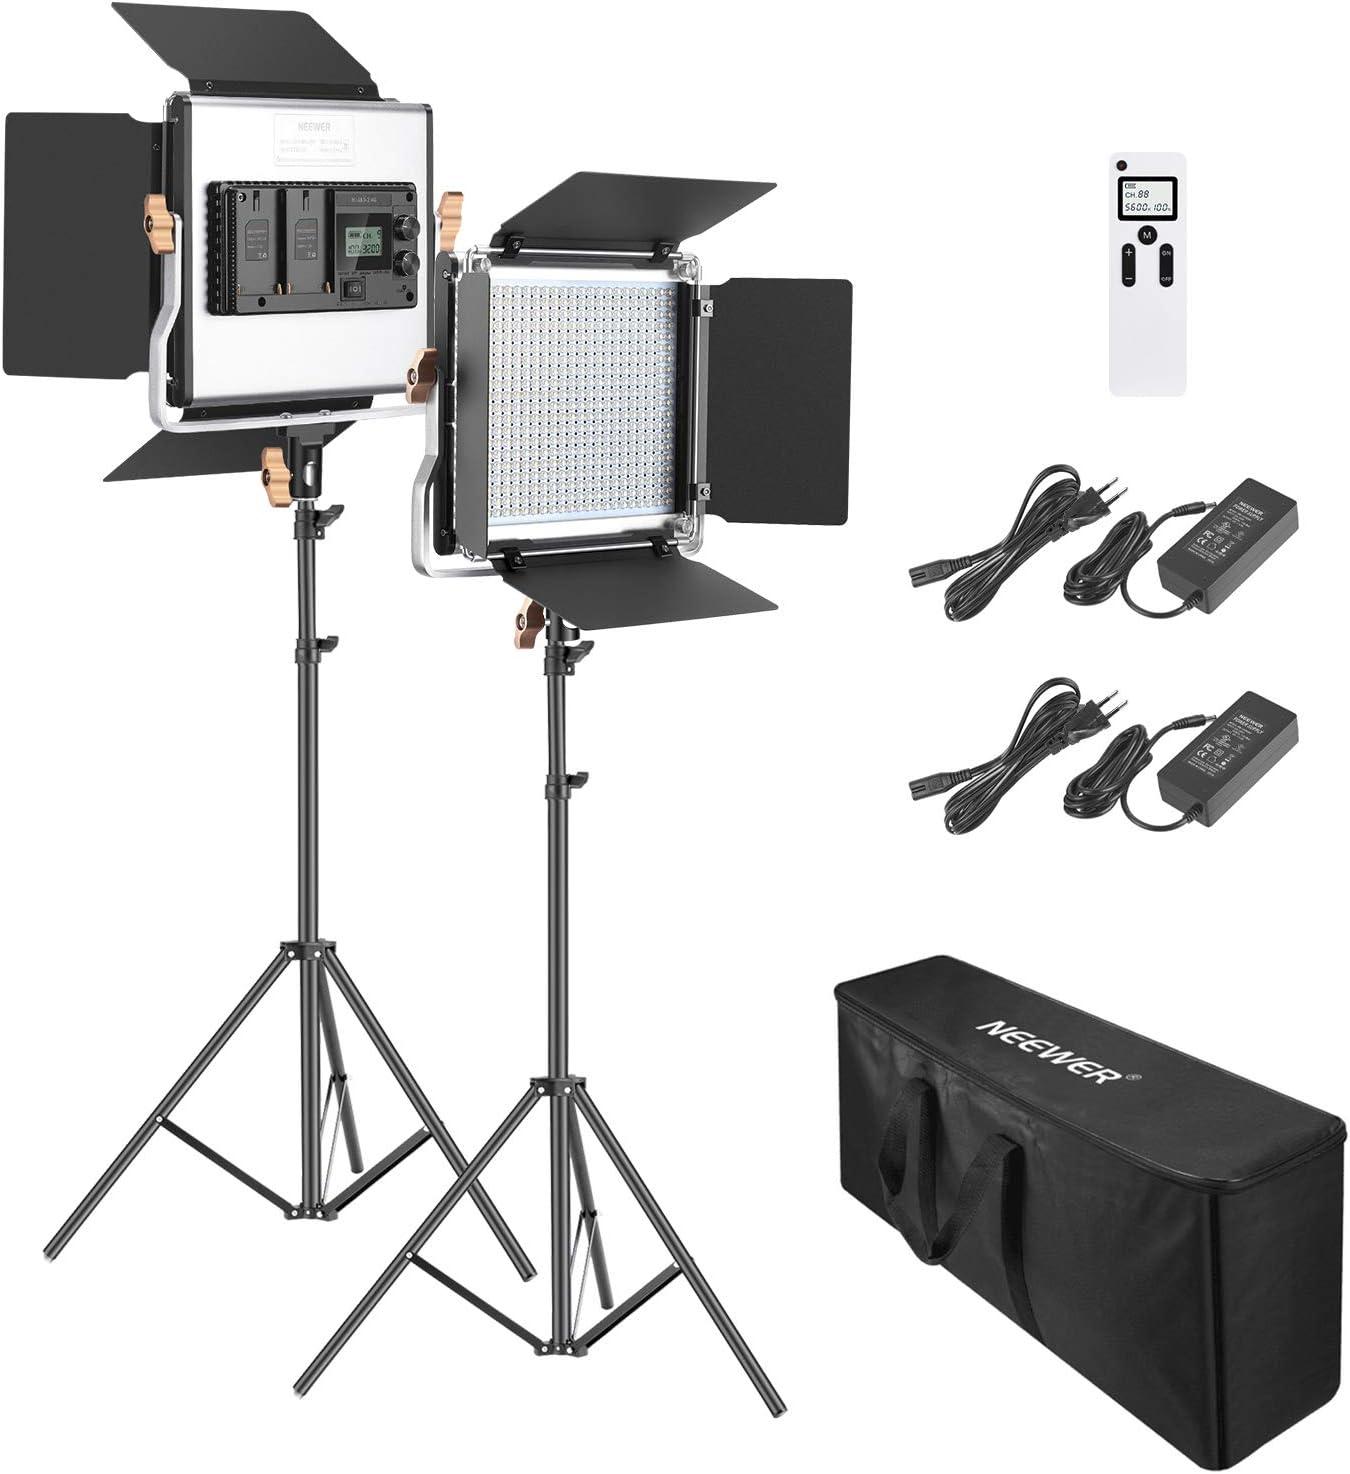 Neewer 2 Packs Avanzado 2,4G 480 LED Video Luz Fotografía Kit Iluminación con Bolsa Panel LED Bicolor Regulable con Pantalla LCD 2,4G Control Remoto Inalámbrico y Soporte Luz para Fotografía